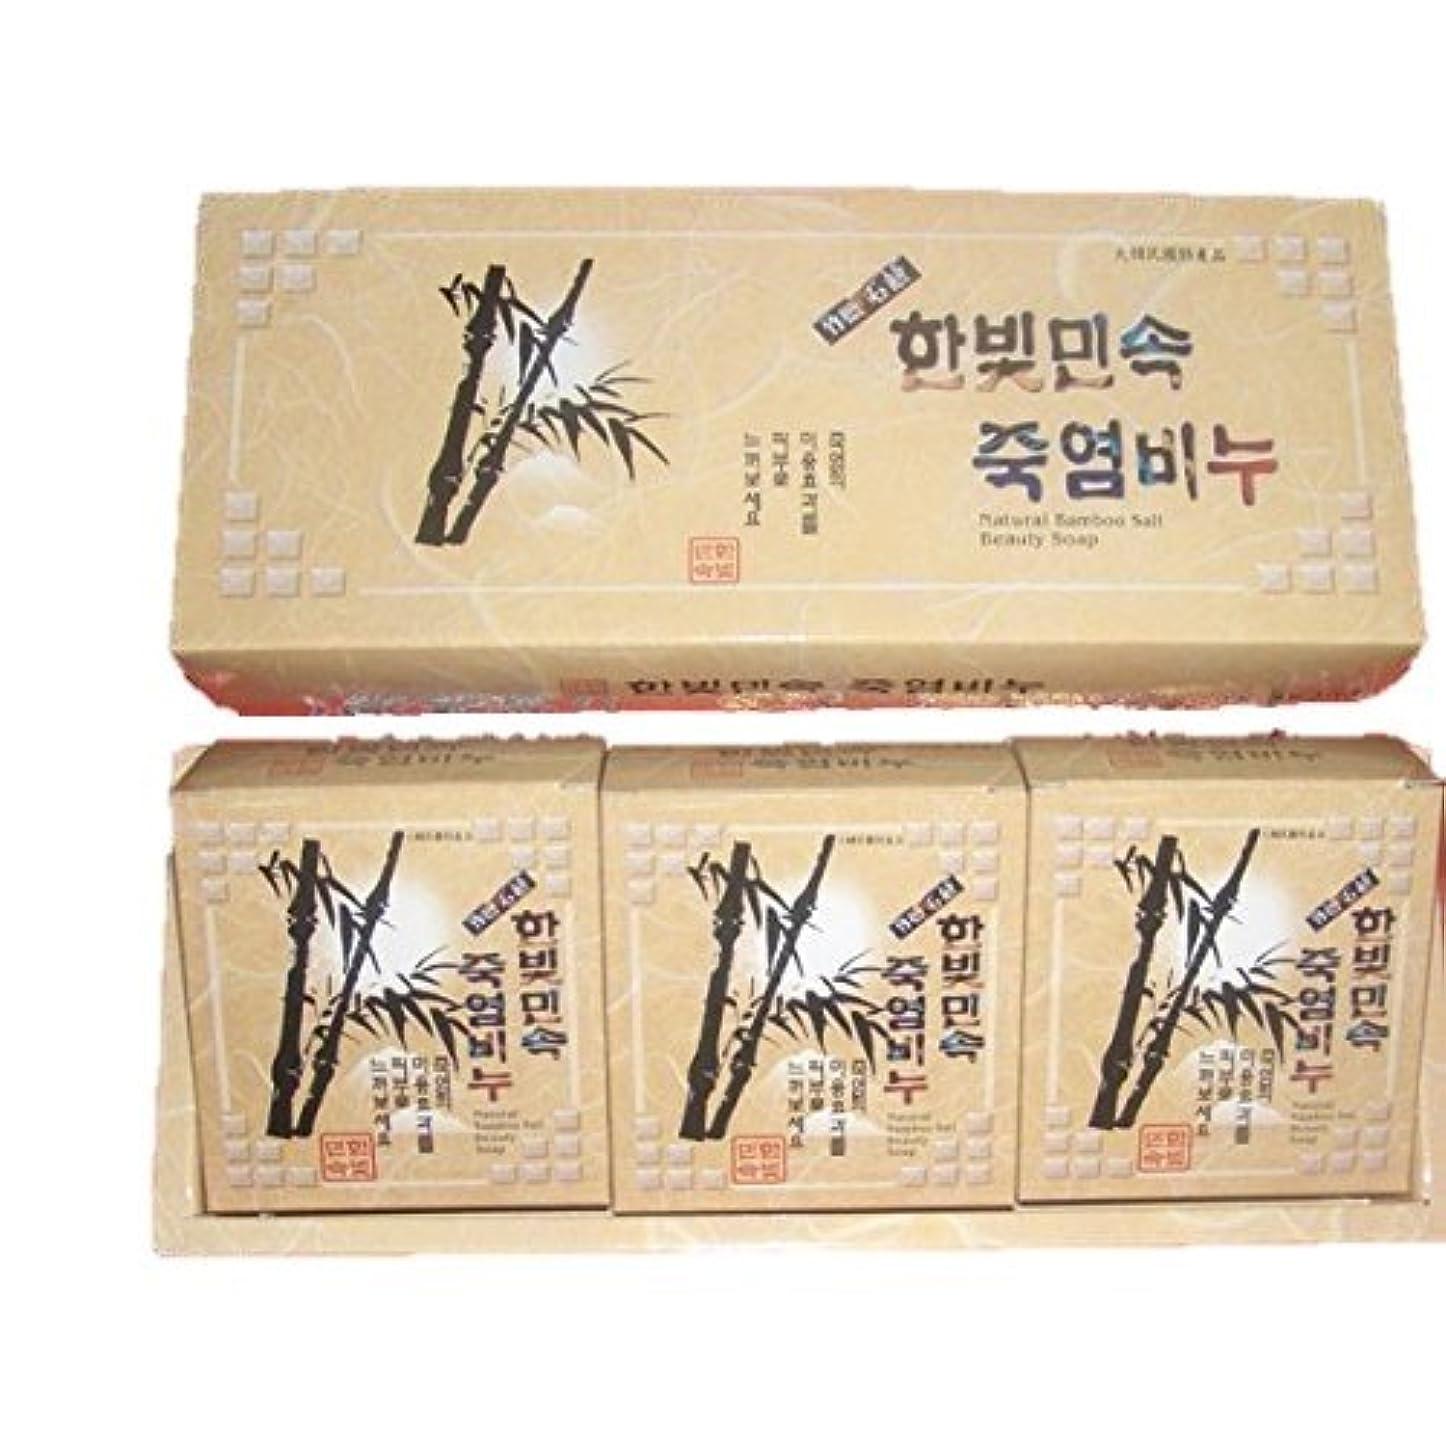 近代化現代同性愛者(韓国ブランド) 竹塩石鹸 (3個×3セット)